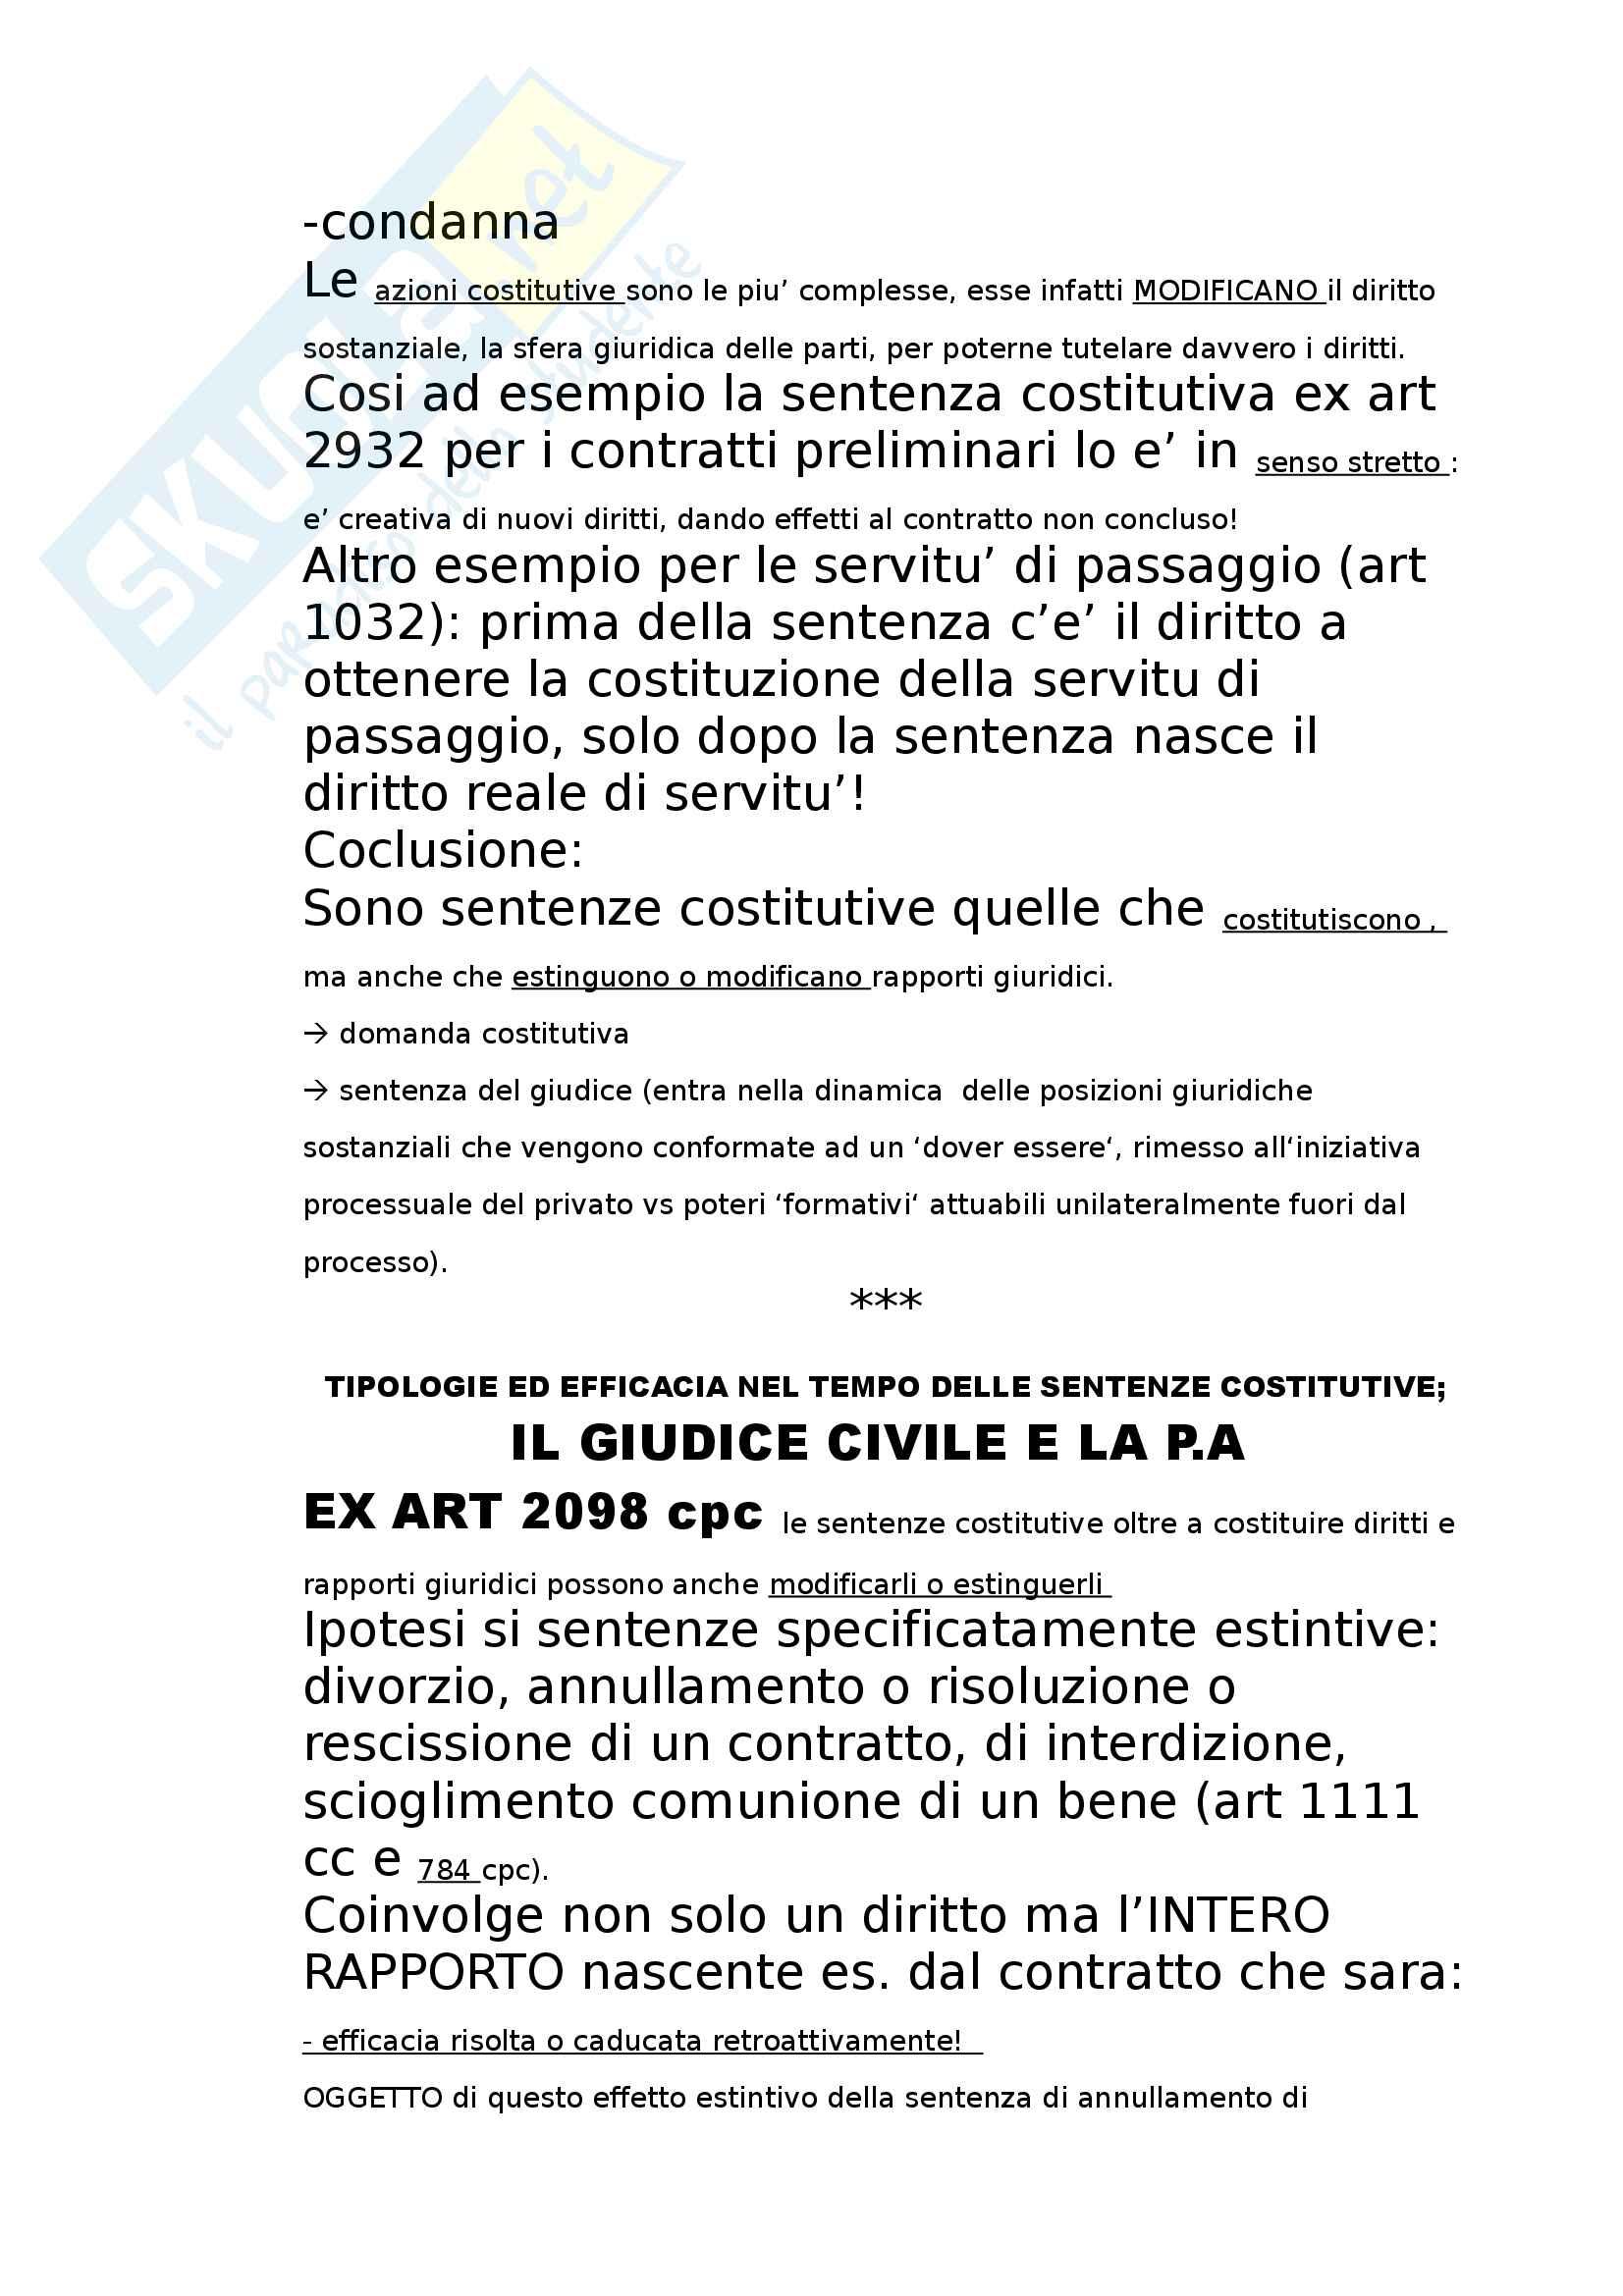 Riassunto esame procedura civile, prof Consolo. Libro consigliato Spiegazioni di diritto processuale civile, Consolo Pag. 11